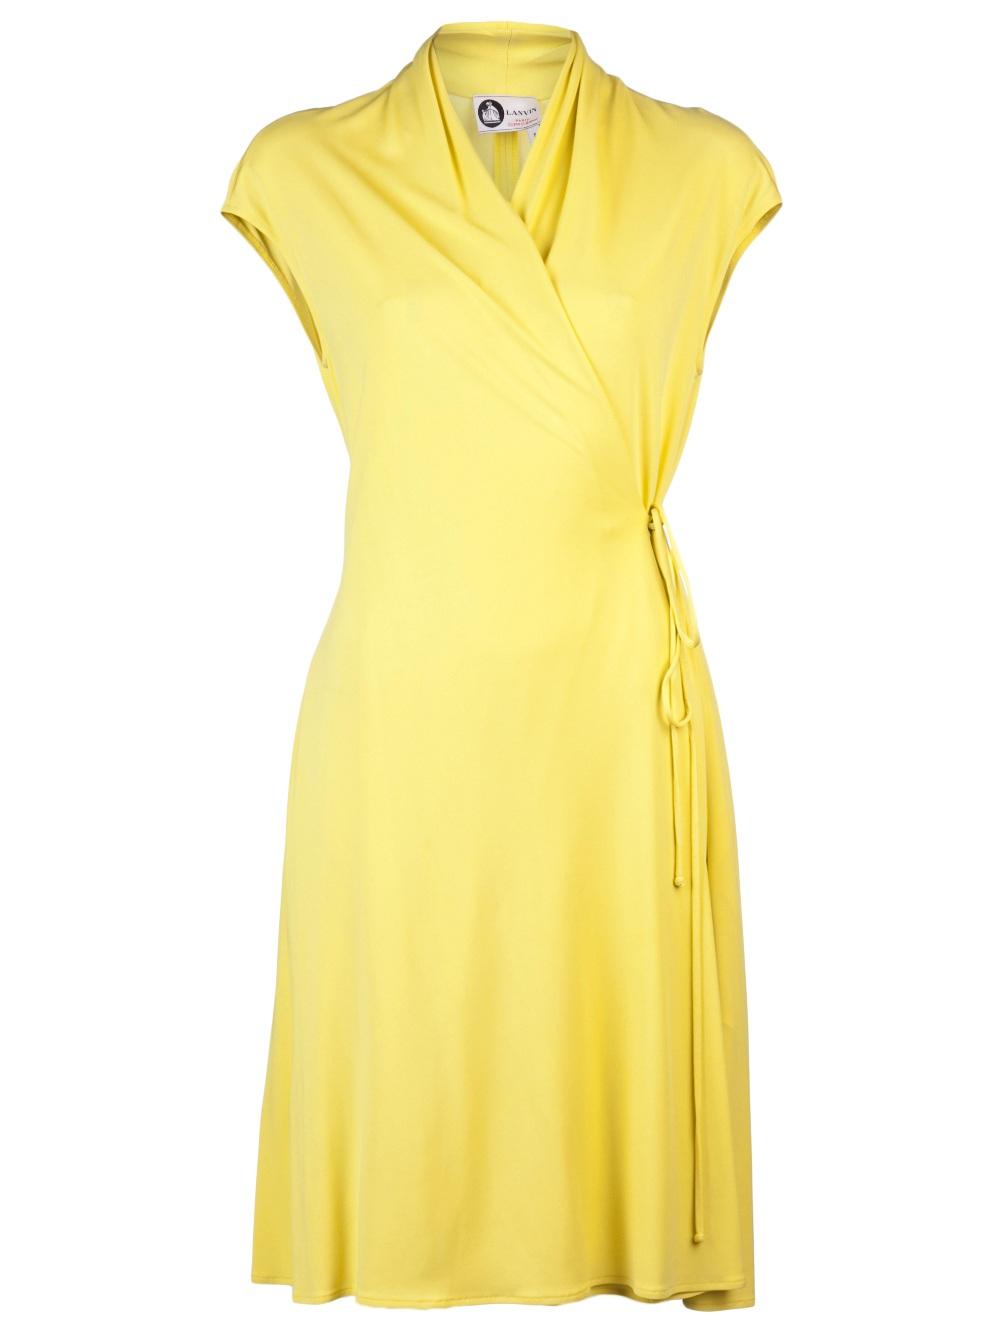 Lyst - Lanvin Jersey Dress in Yellow